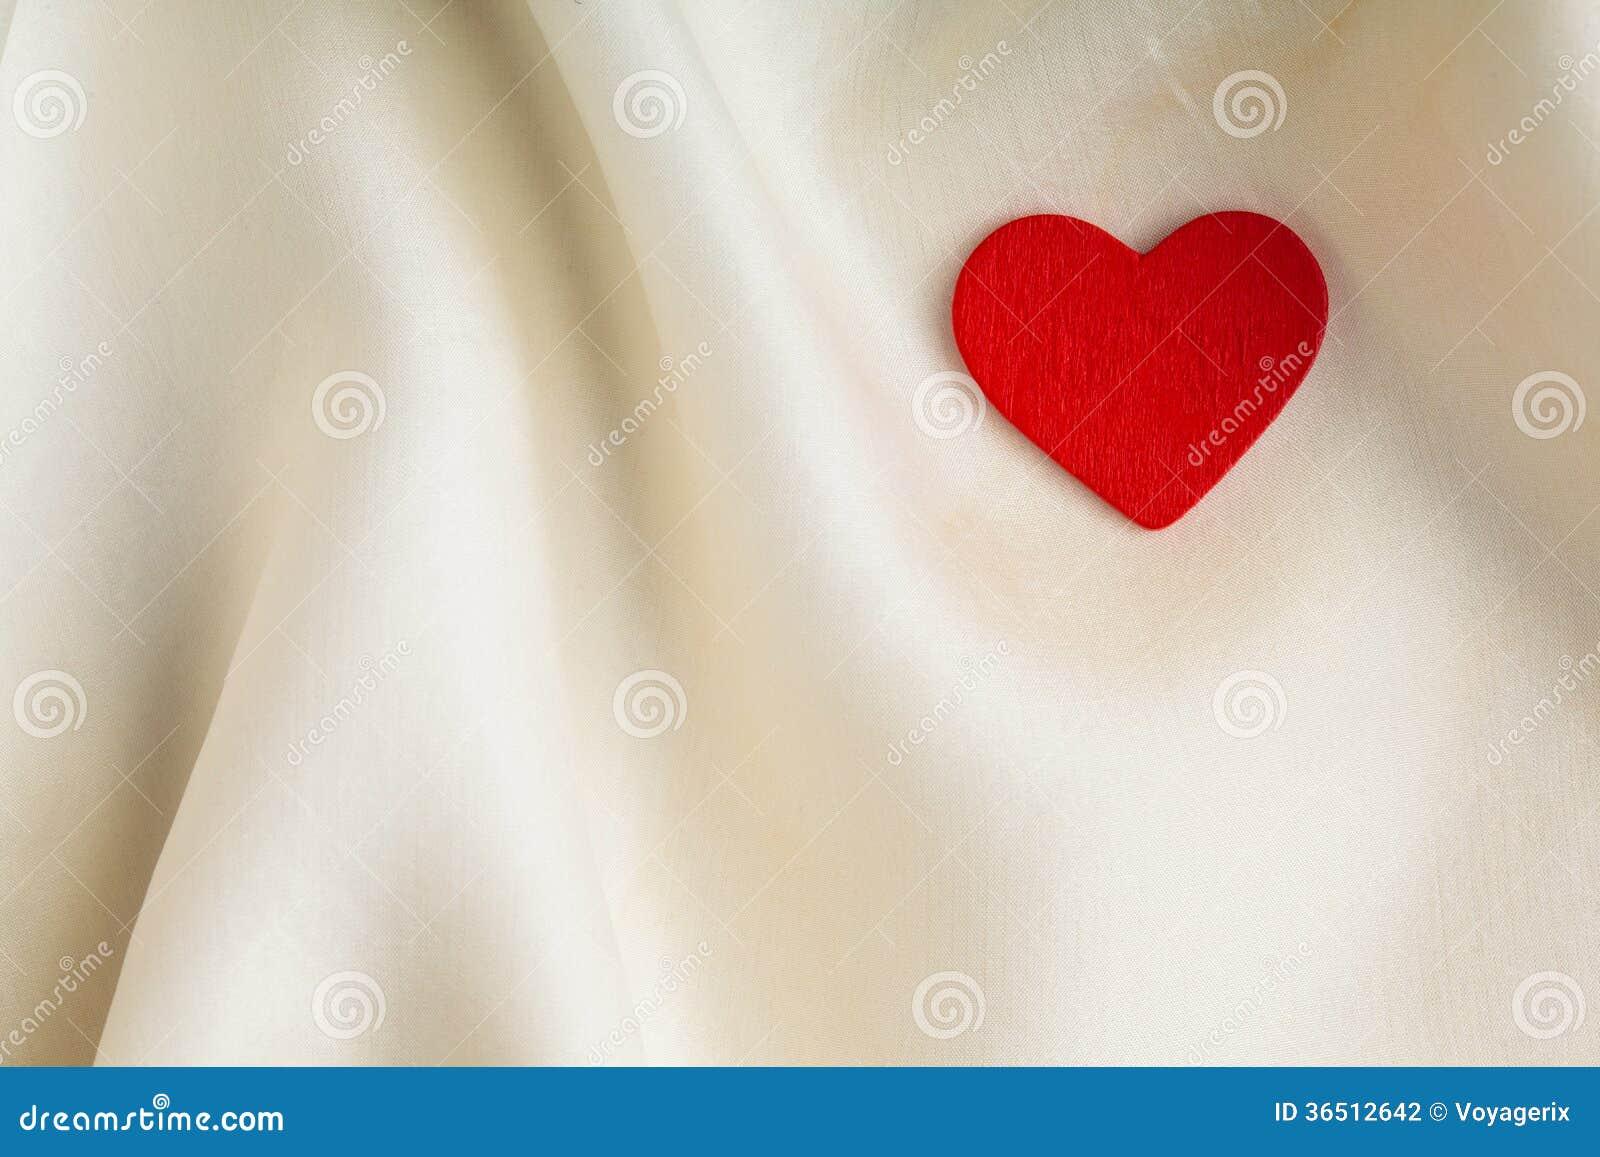 Красное деревянное декоративное сердце на белой silk предпосылке.